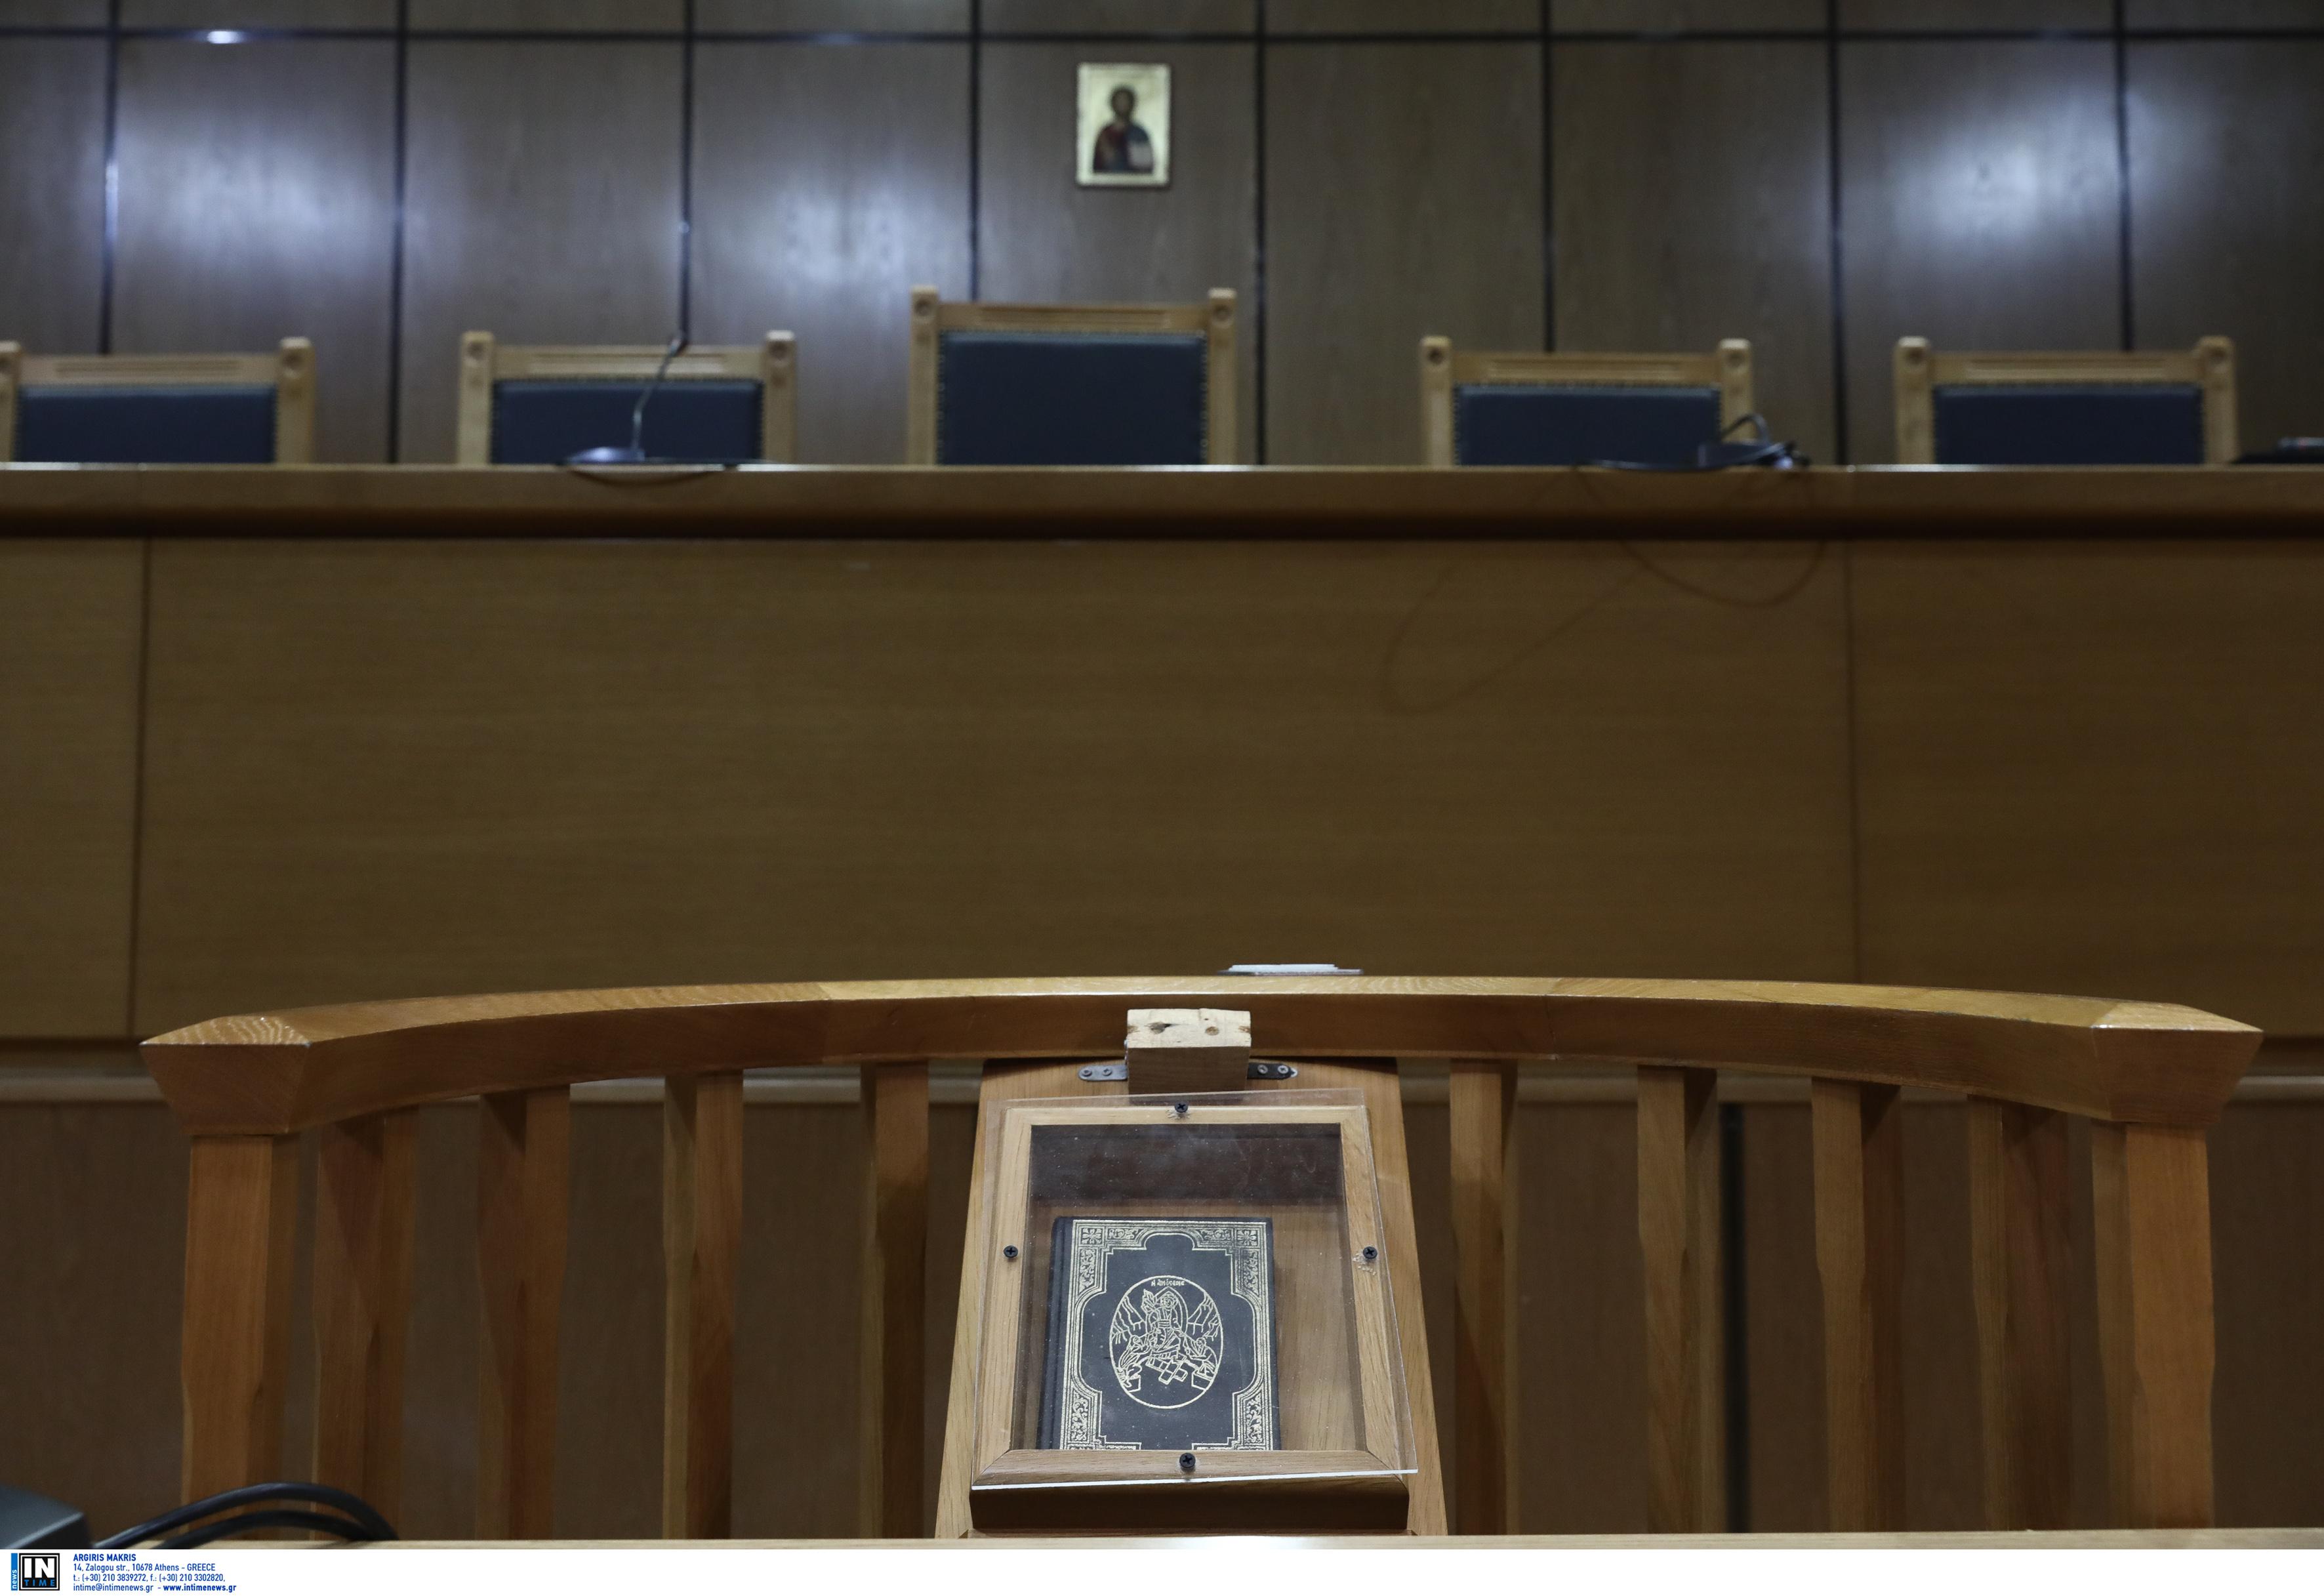 Κρήτη: Καταπέλτης ο εισαγγελέας για τον βιασμό ανήλικης αθλήτριας – Συγκέντρωση διαμαρτυρίας στα δικαστήρια!